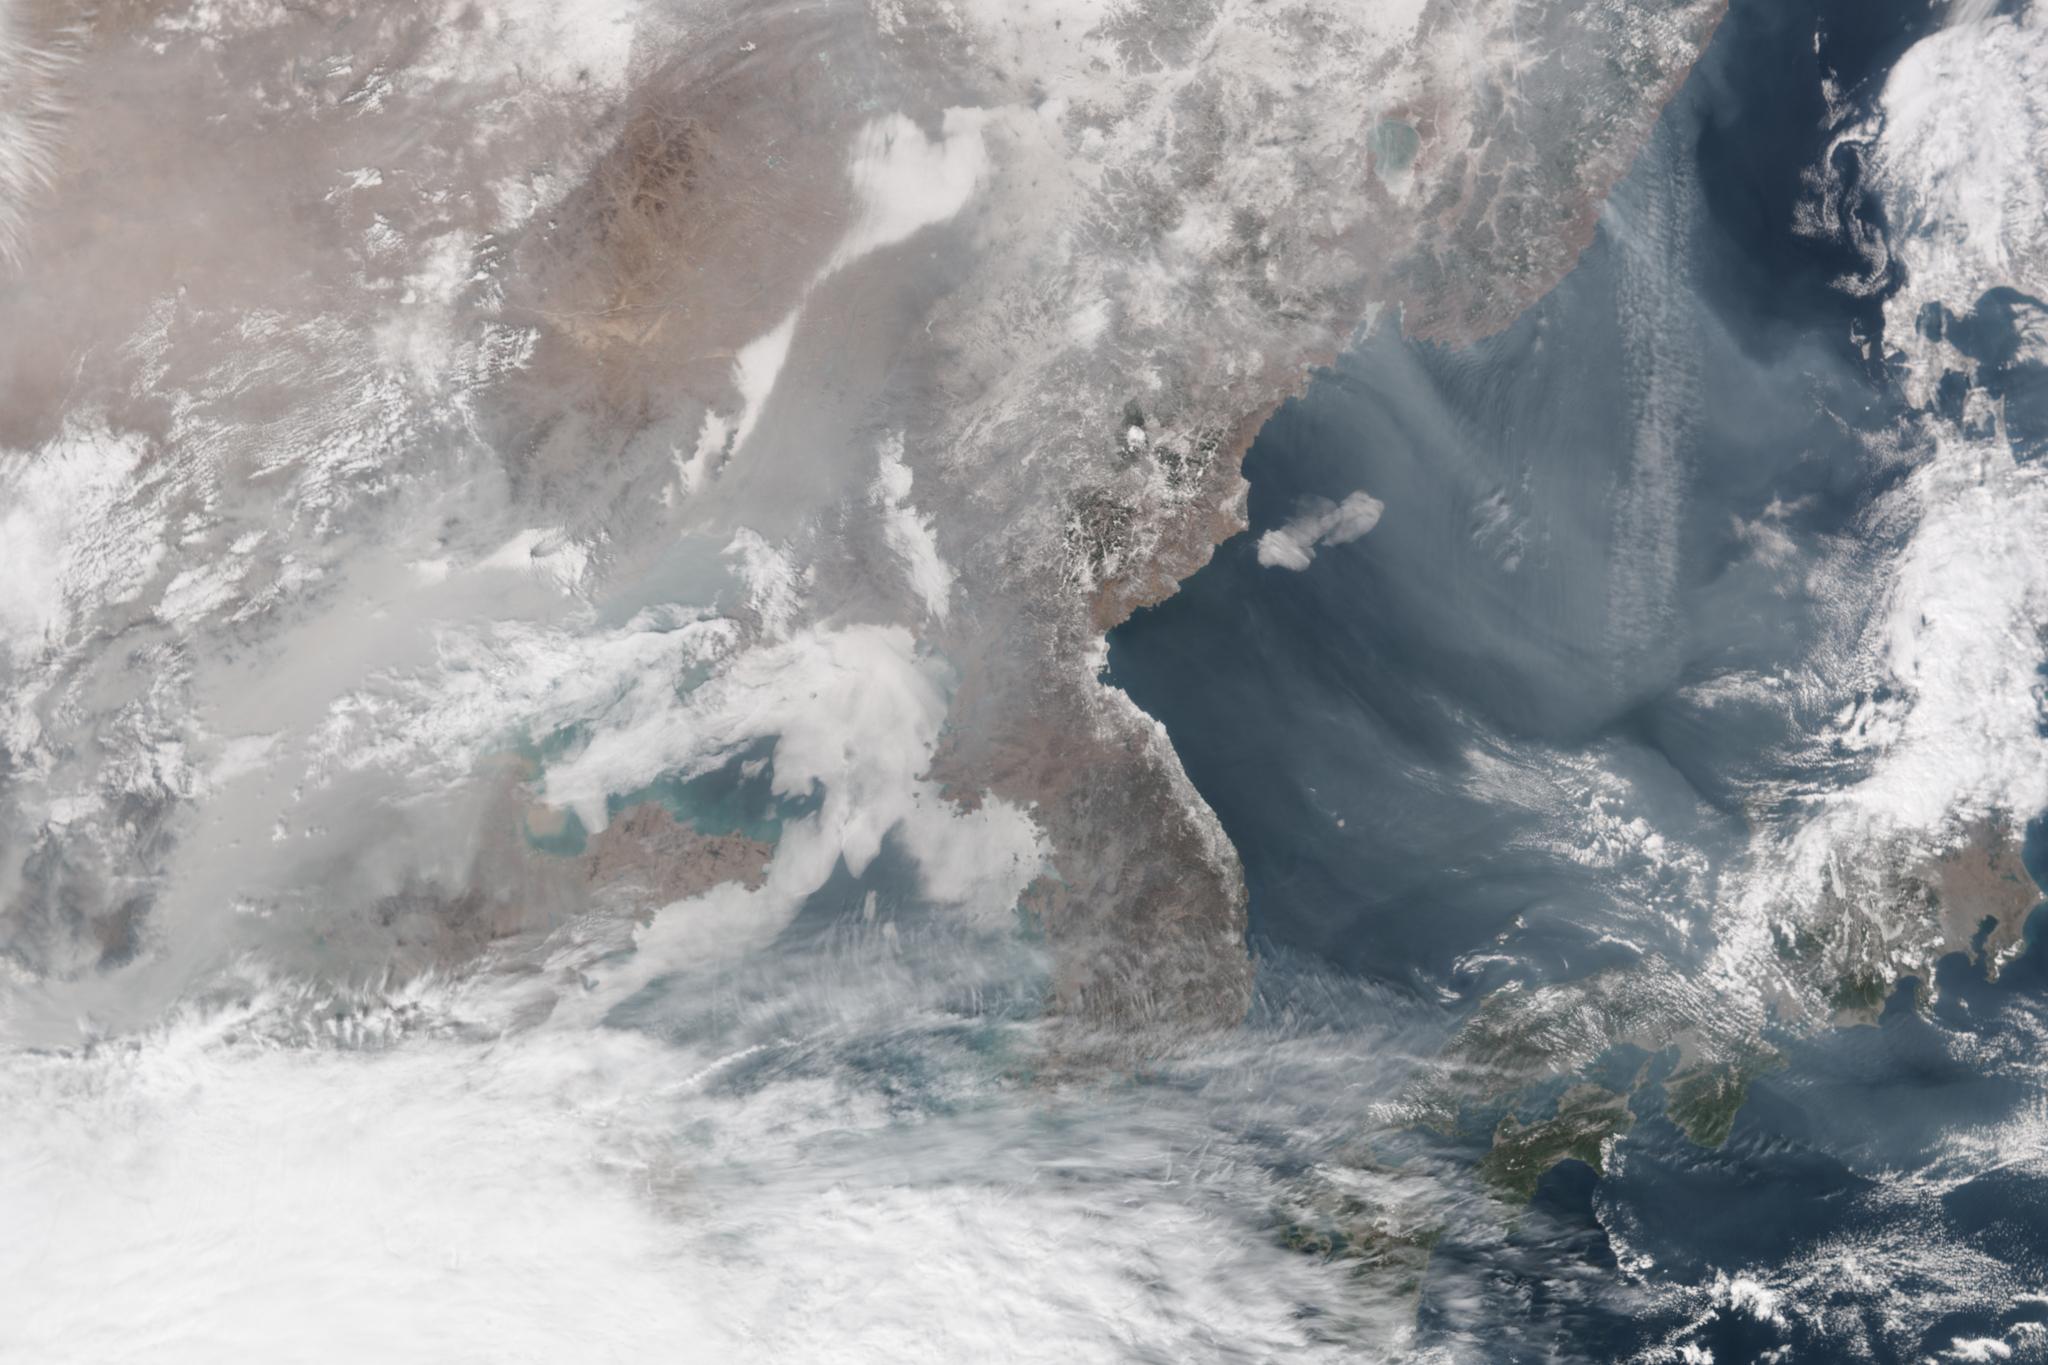 2014년 2월 25일 촬영한 사진. 오염물질이 한반도를 지나 동해까지 뒤덮고 있다.